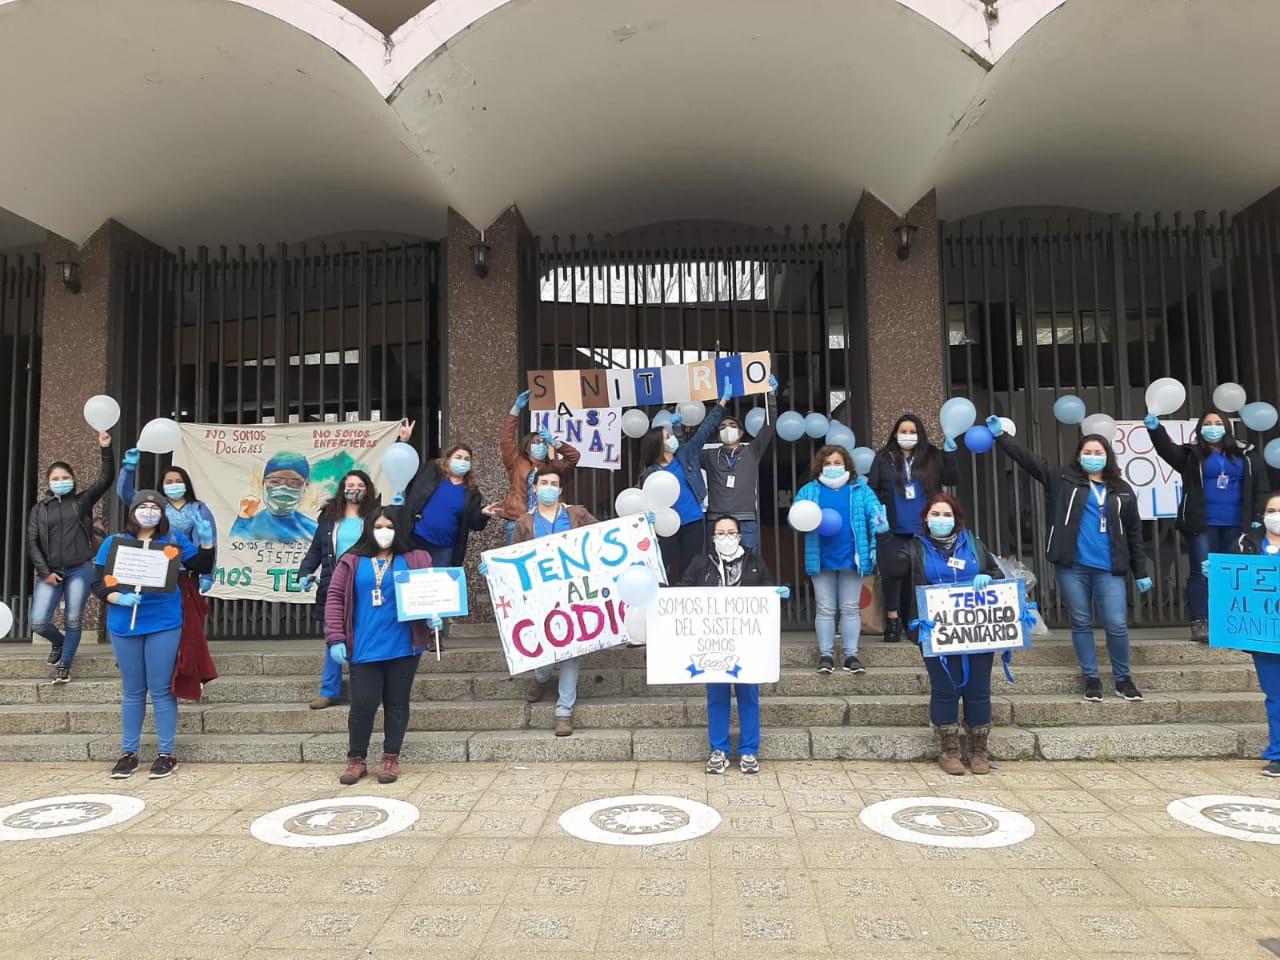 TENS de provincia de Bío Bío protestan exigiendo que su profesión sea reconocida